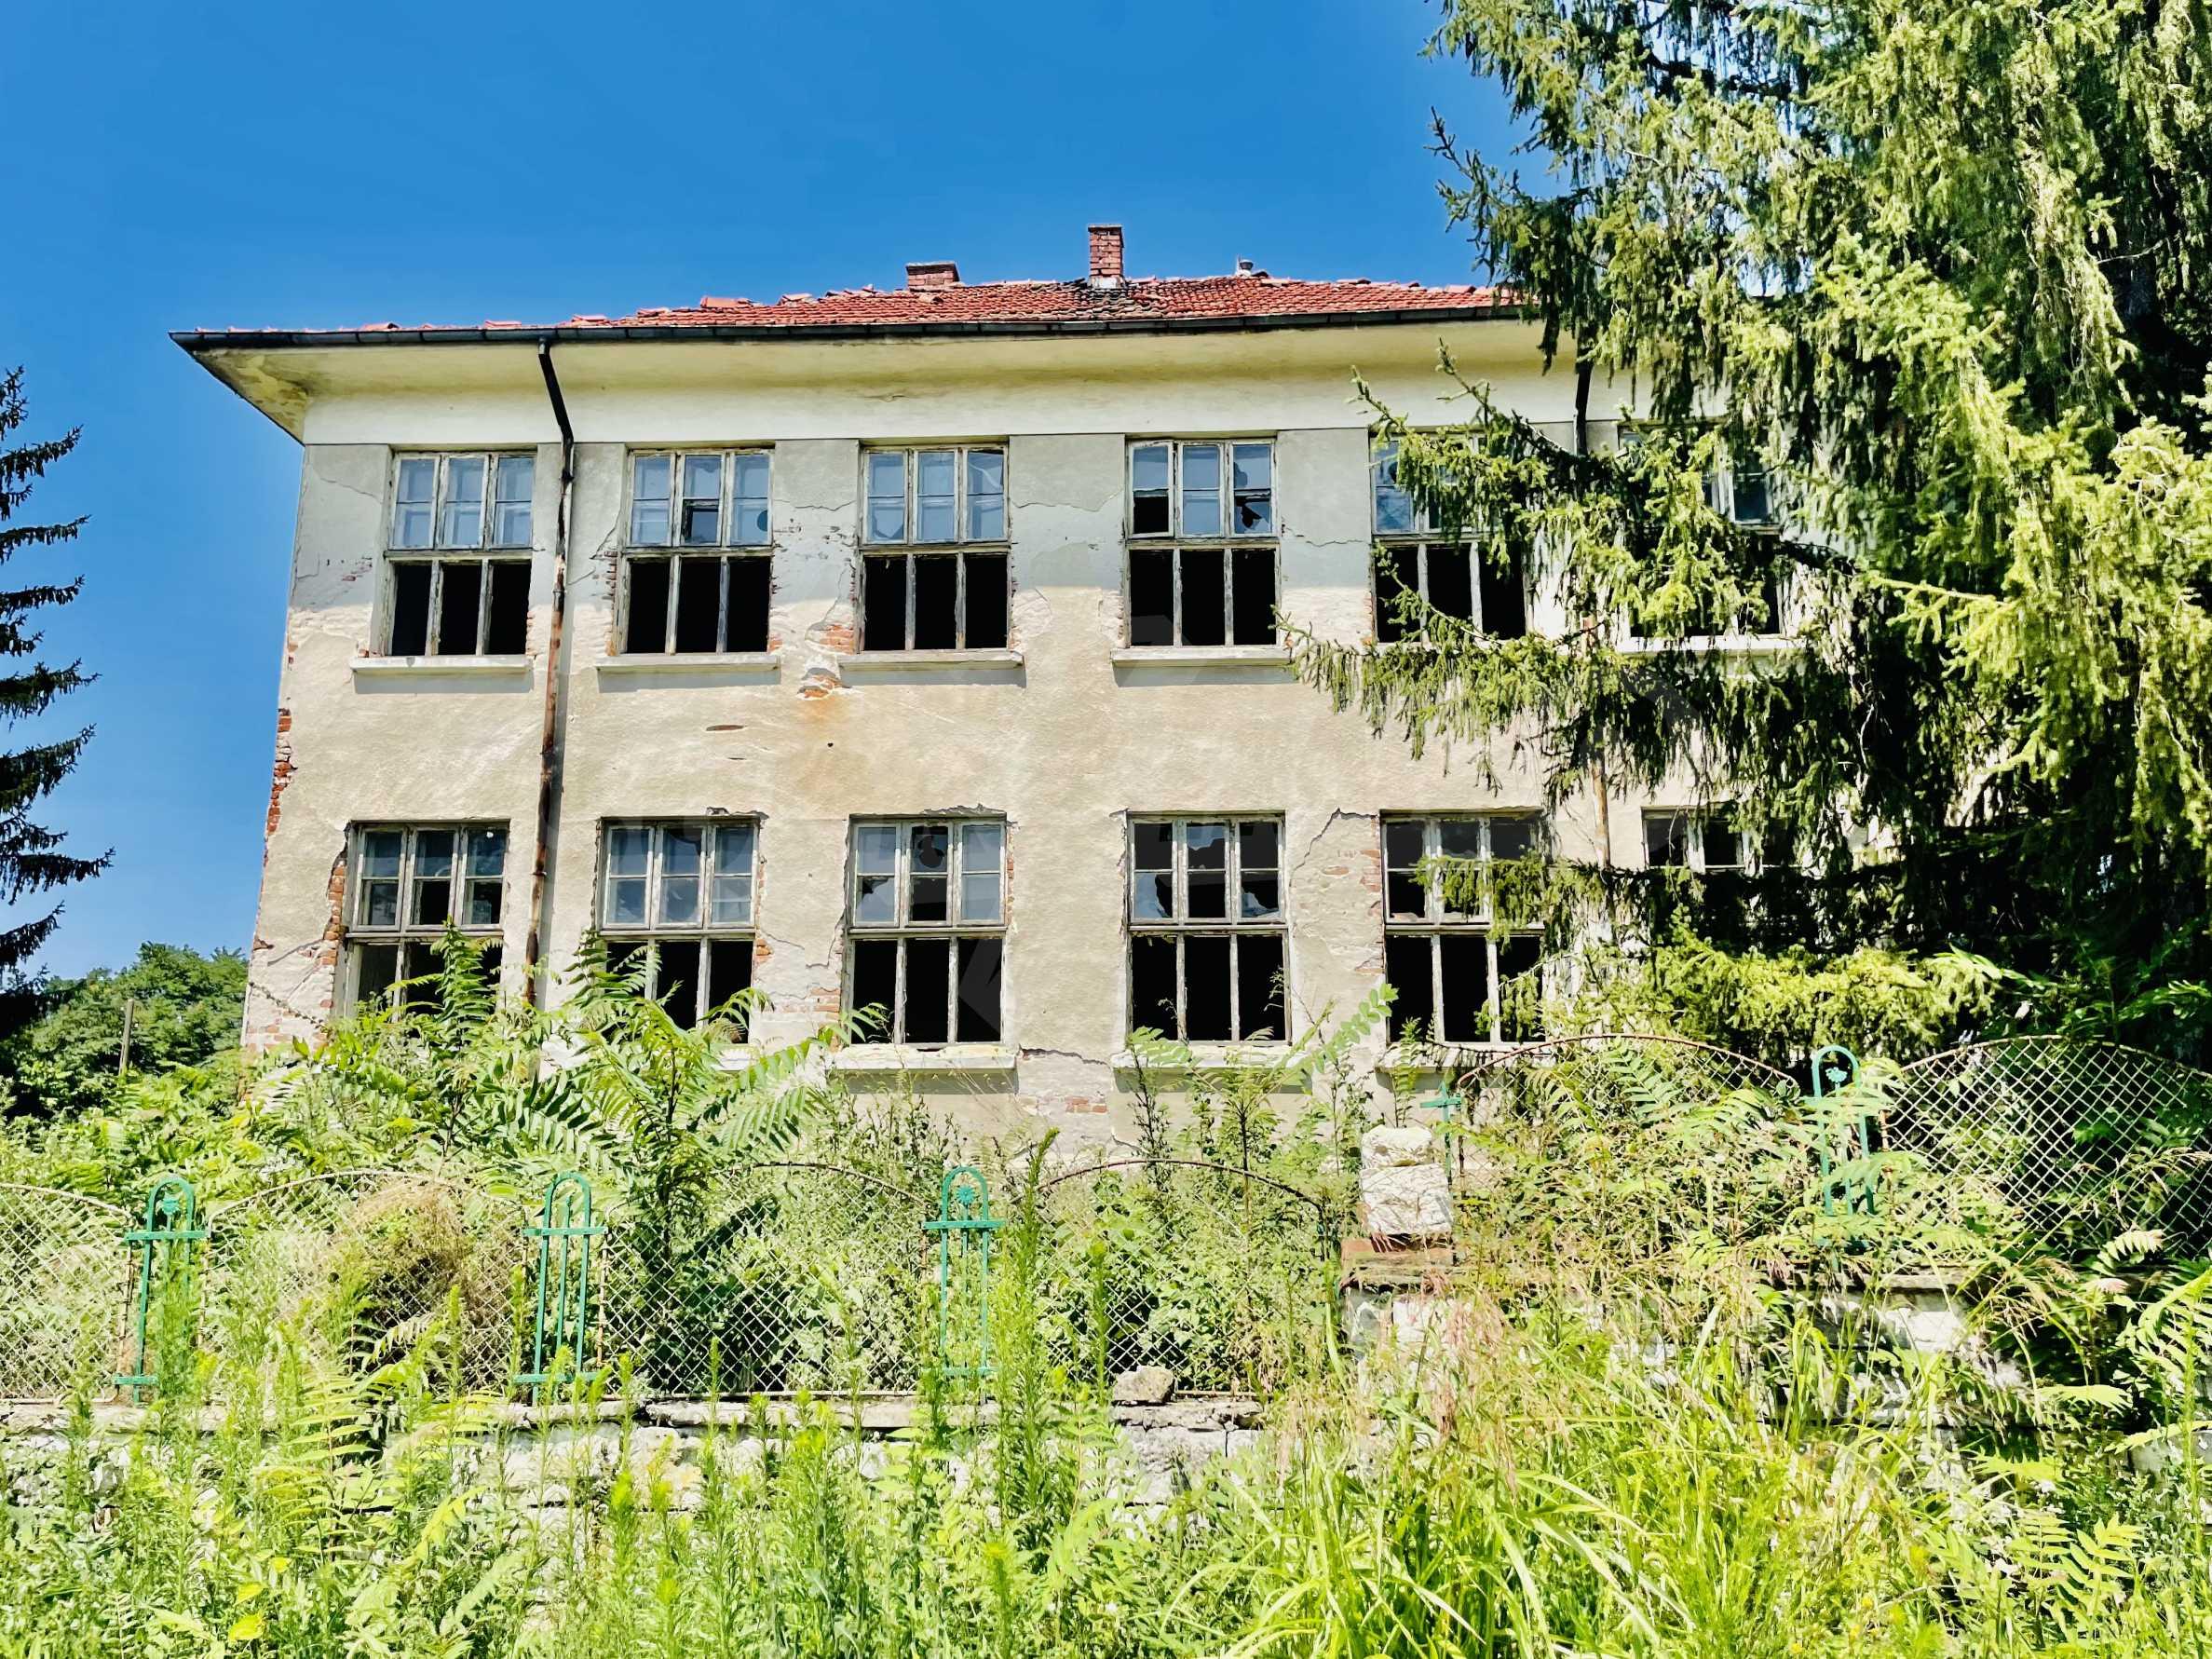 Zwei massive Gebäude auf einem großen Grundstück 35 km von der Stadt Russe und der Donau entfernt 2